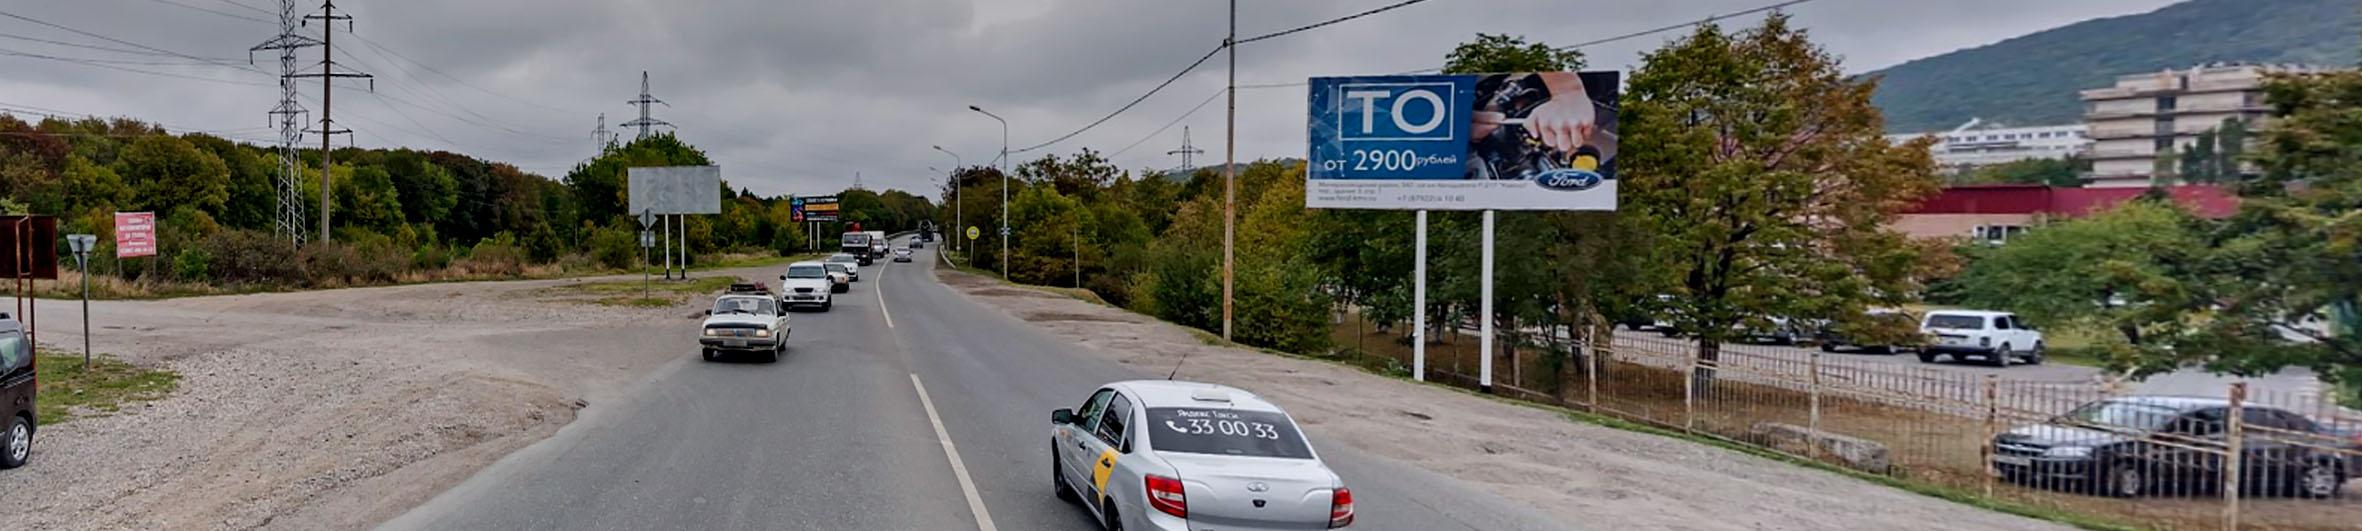 Реклама на билбордах в Ставропольском крае Невинномысск